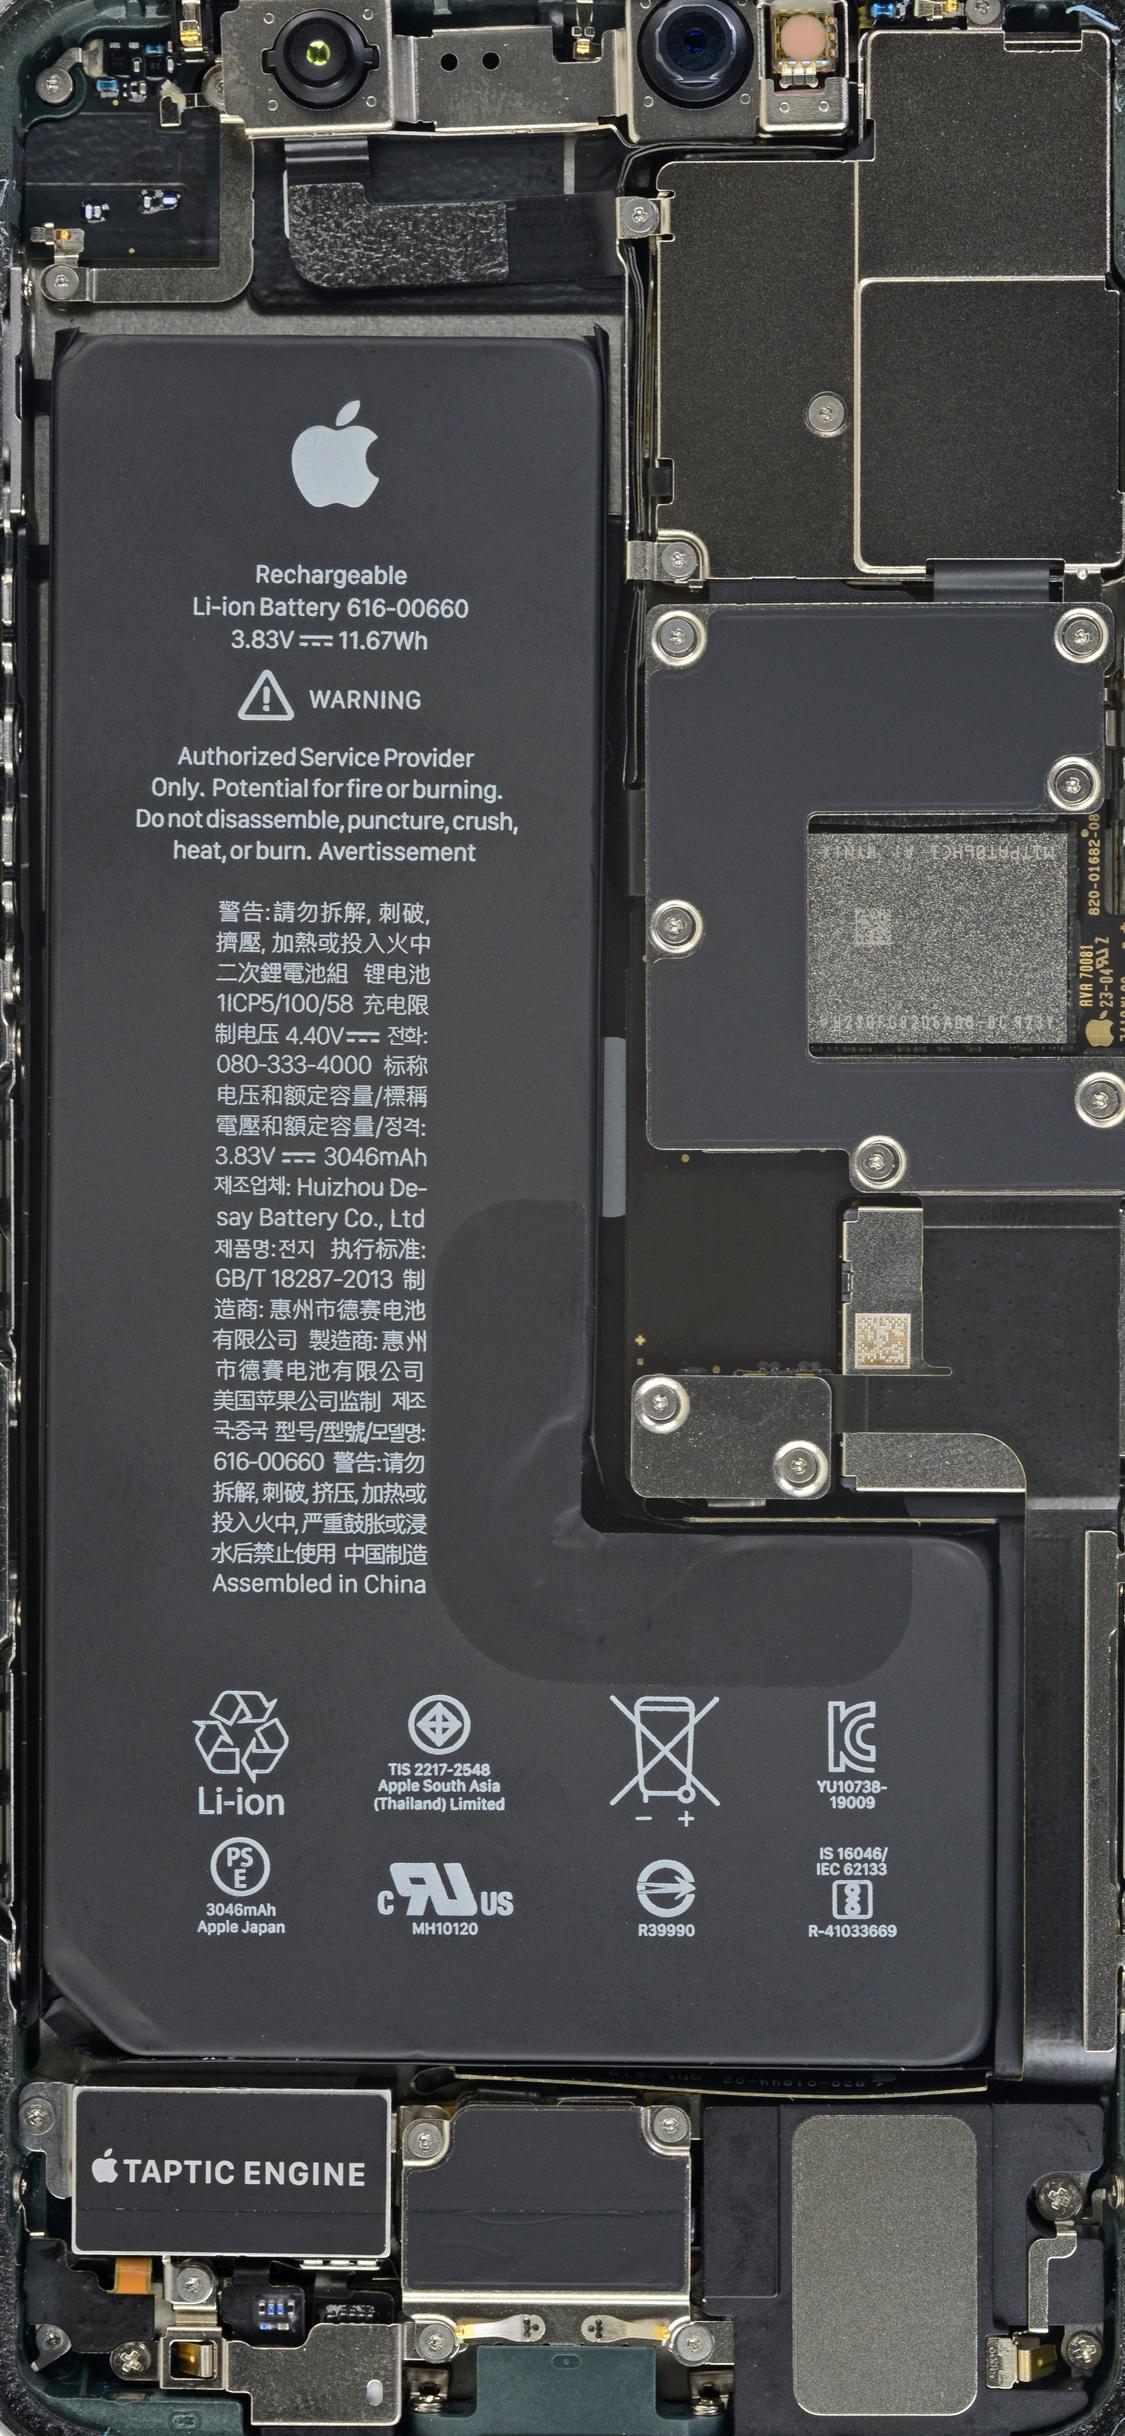 iphone 11 pro internal - Mời bạn tải ảnh nền X-Ray cho iPhone 11 và iPhone 11 Pro